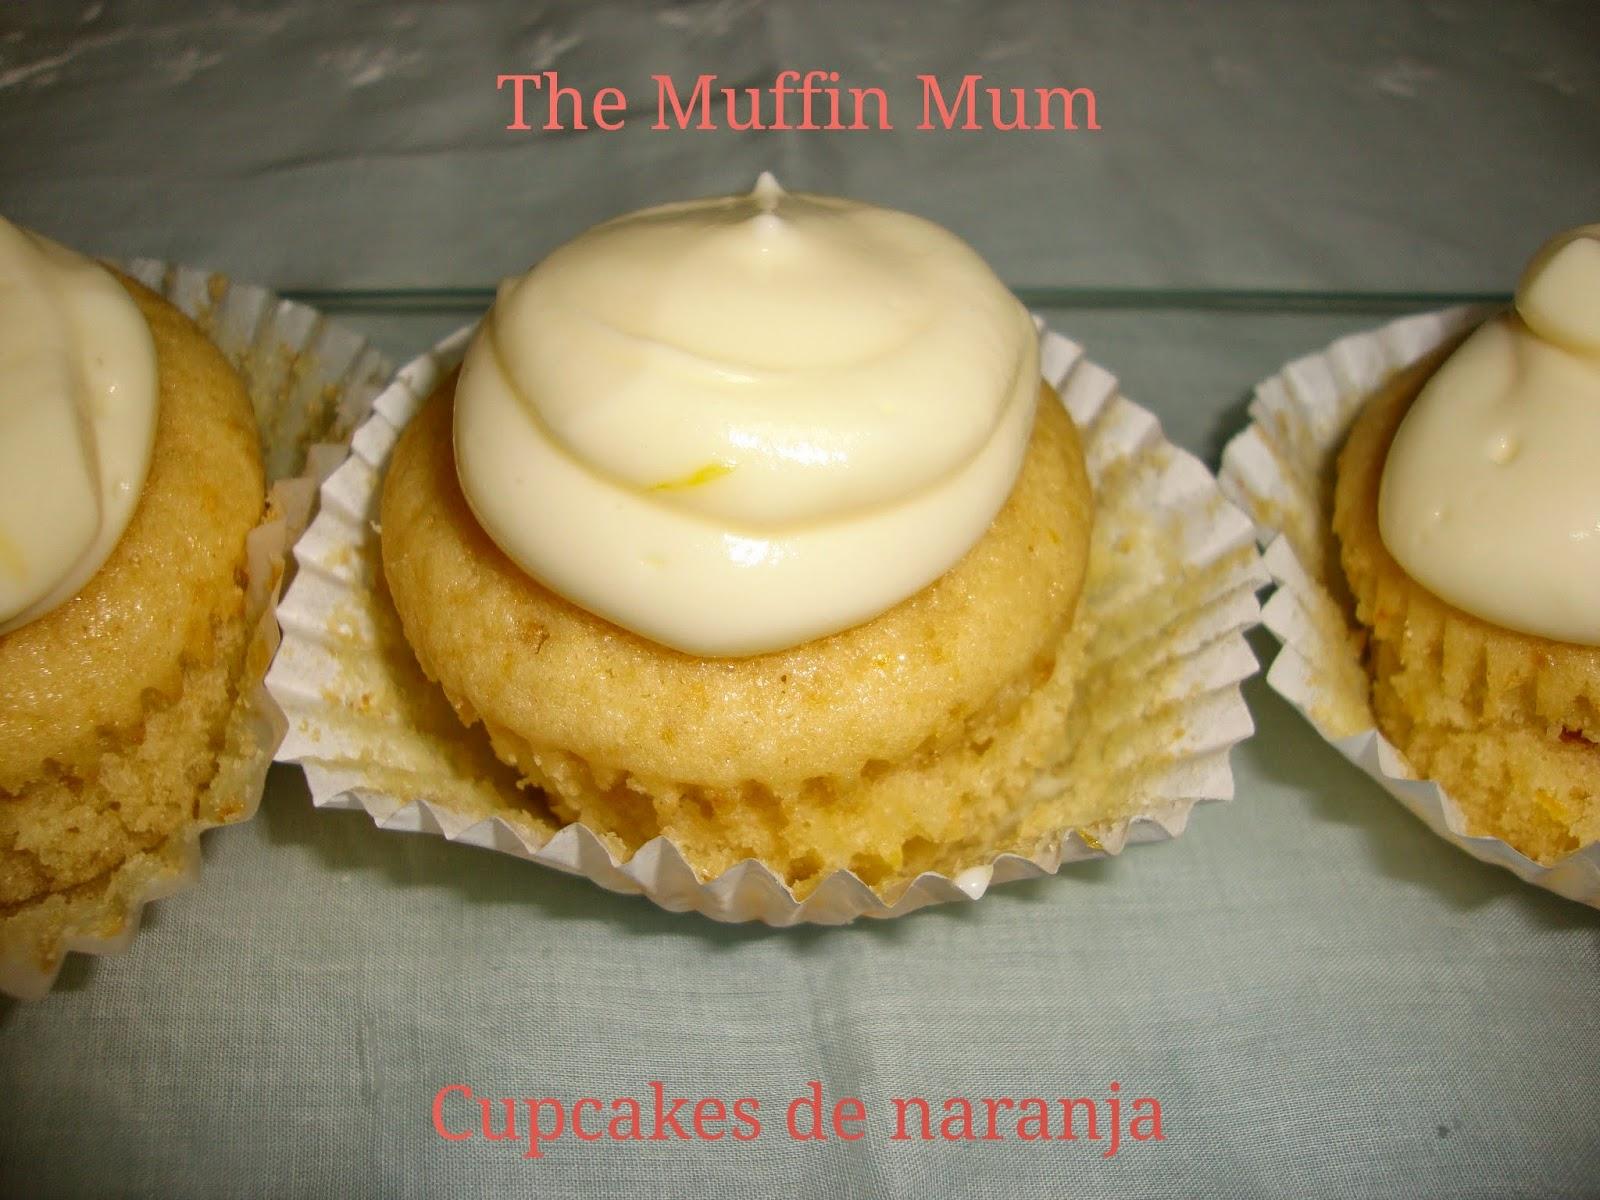 Cupcakes de naranja y quark